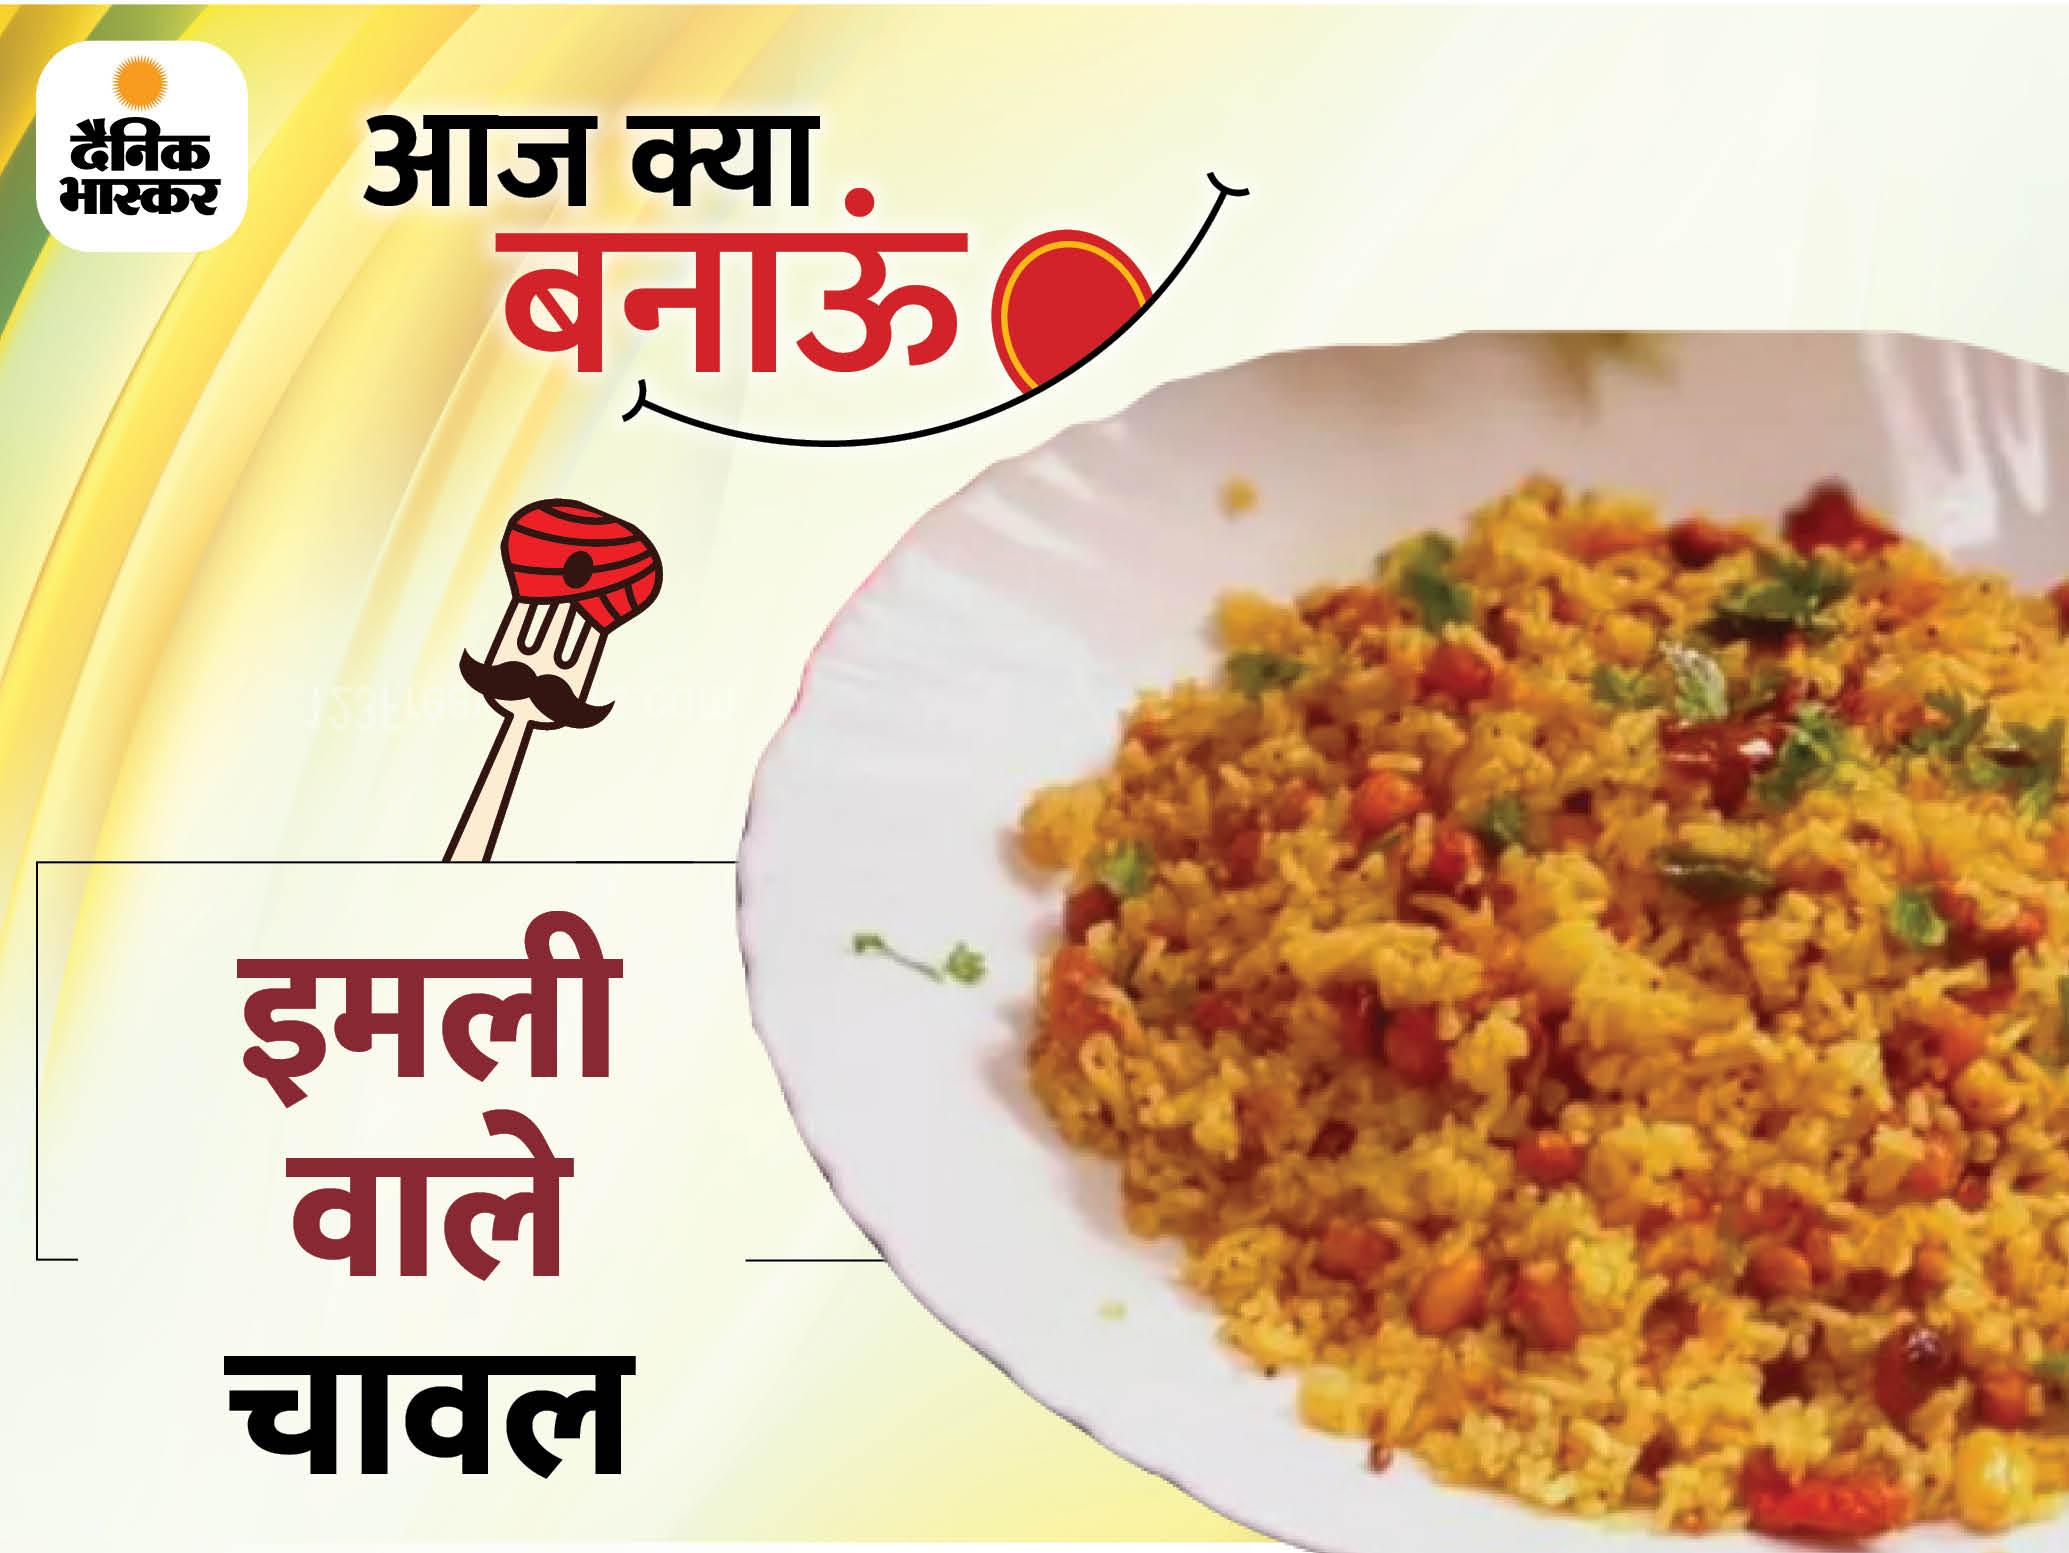 संडे स्पेशल इमली वाले चावल बनाने की आसान रेसिपी, सिर्फ 20 मिनट में हो जाएंगे तैयार लाइफस्टाइल,Lifestyle - Dainik Bhaskar